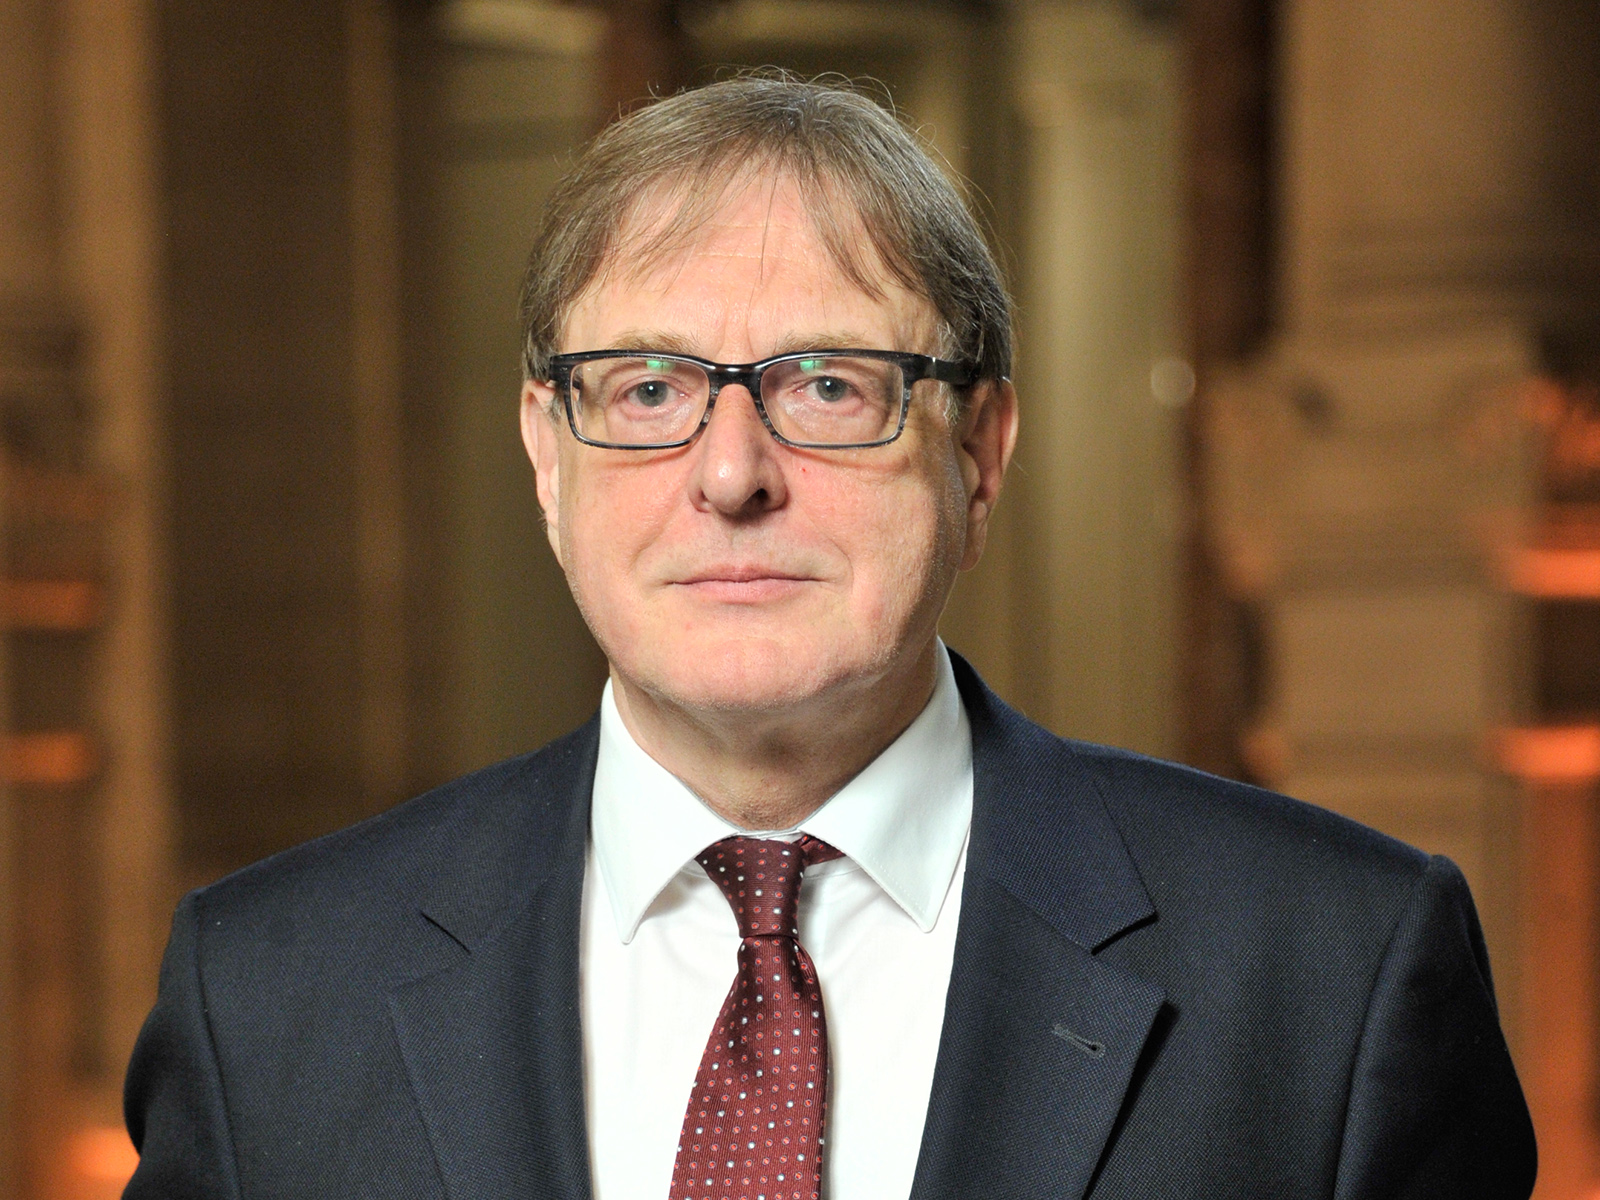 Michael Wiechert